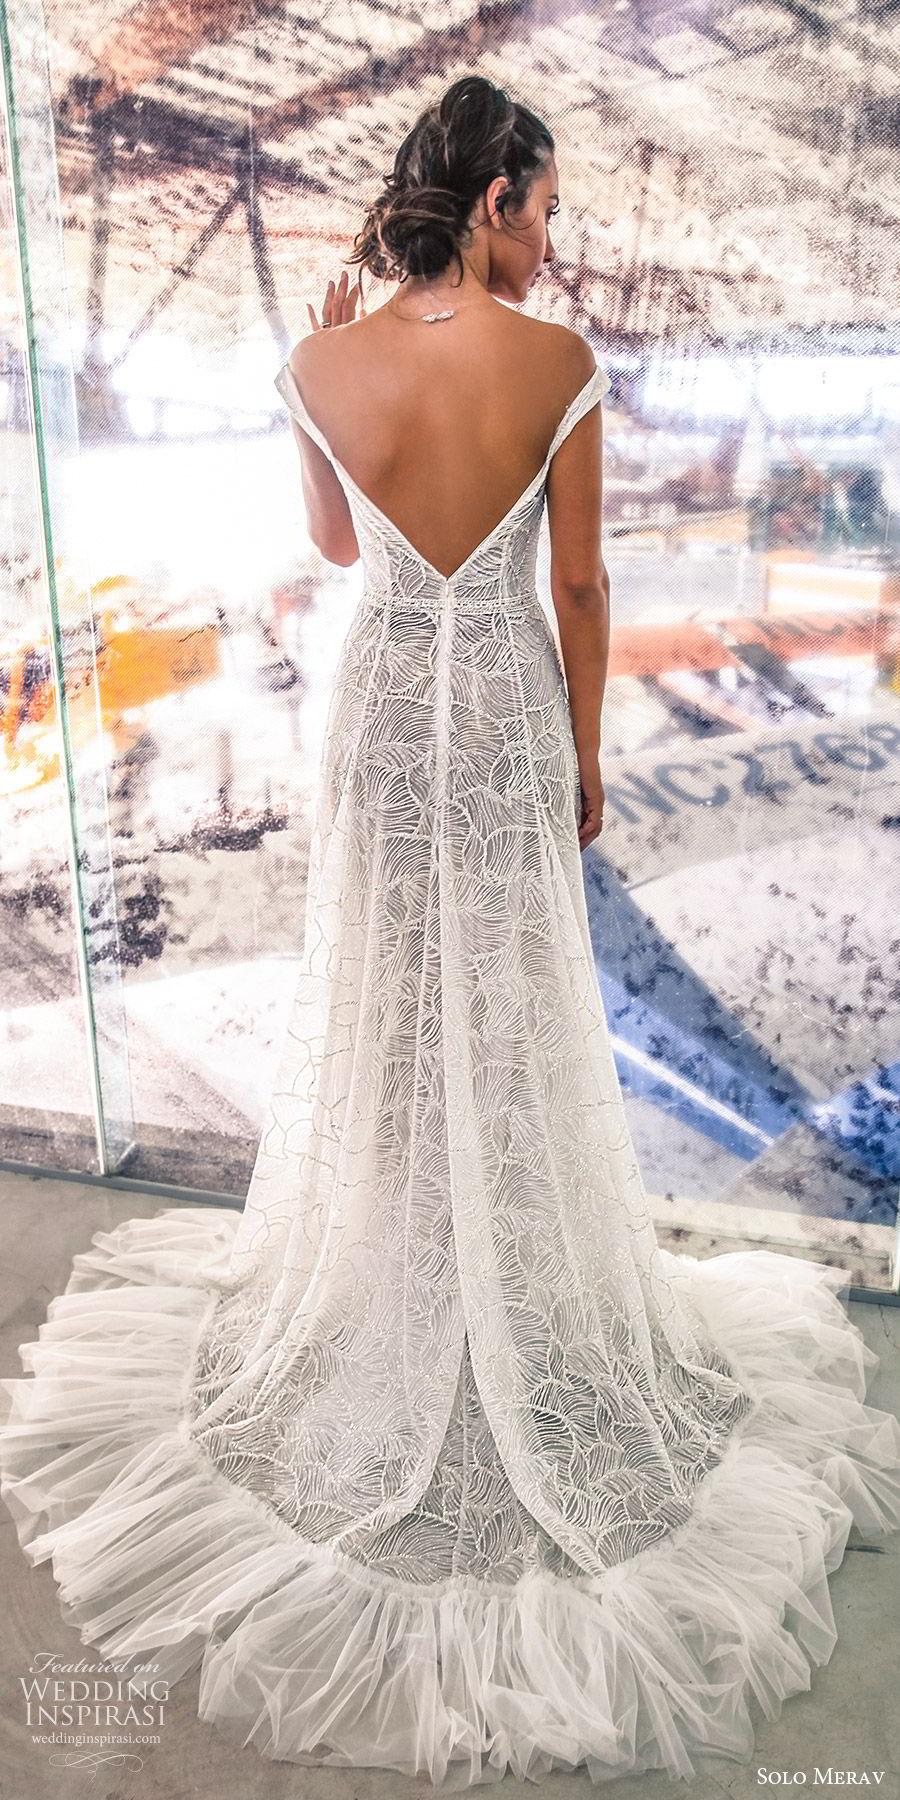 solo merav 2019 bridal off shoulder straps plunging sweetheart neckline embellished a line ball gown wedding dress (4) bv pockets low back chapel train modern elegant